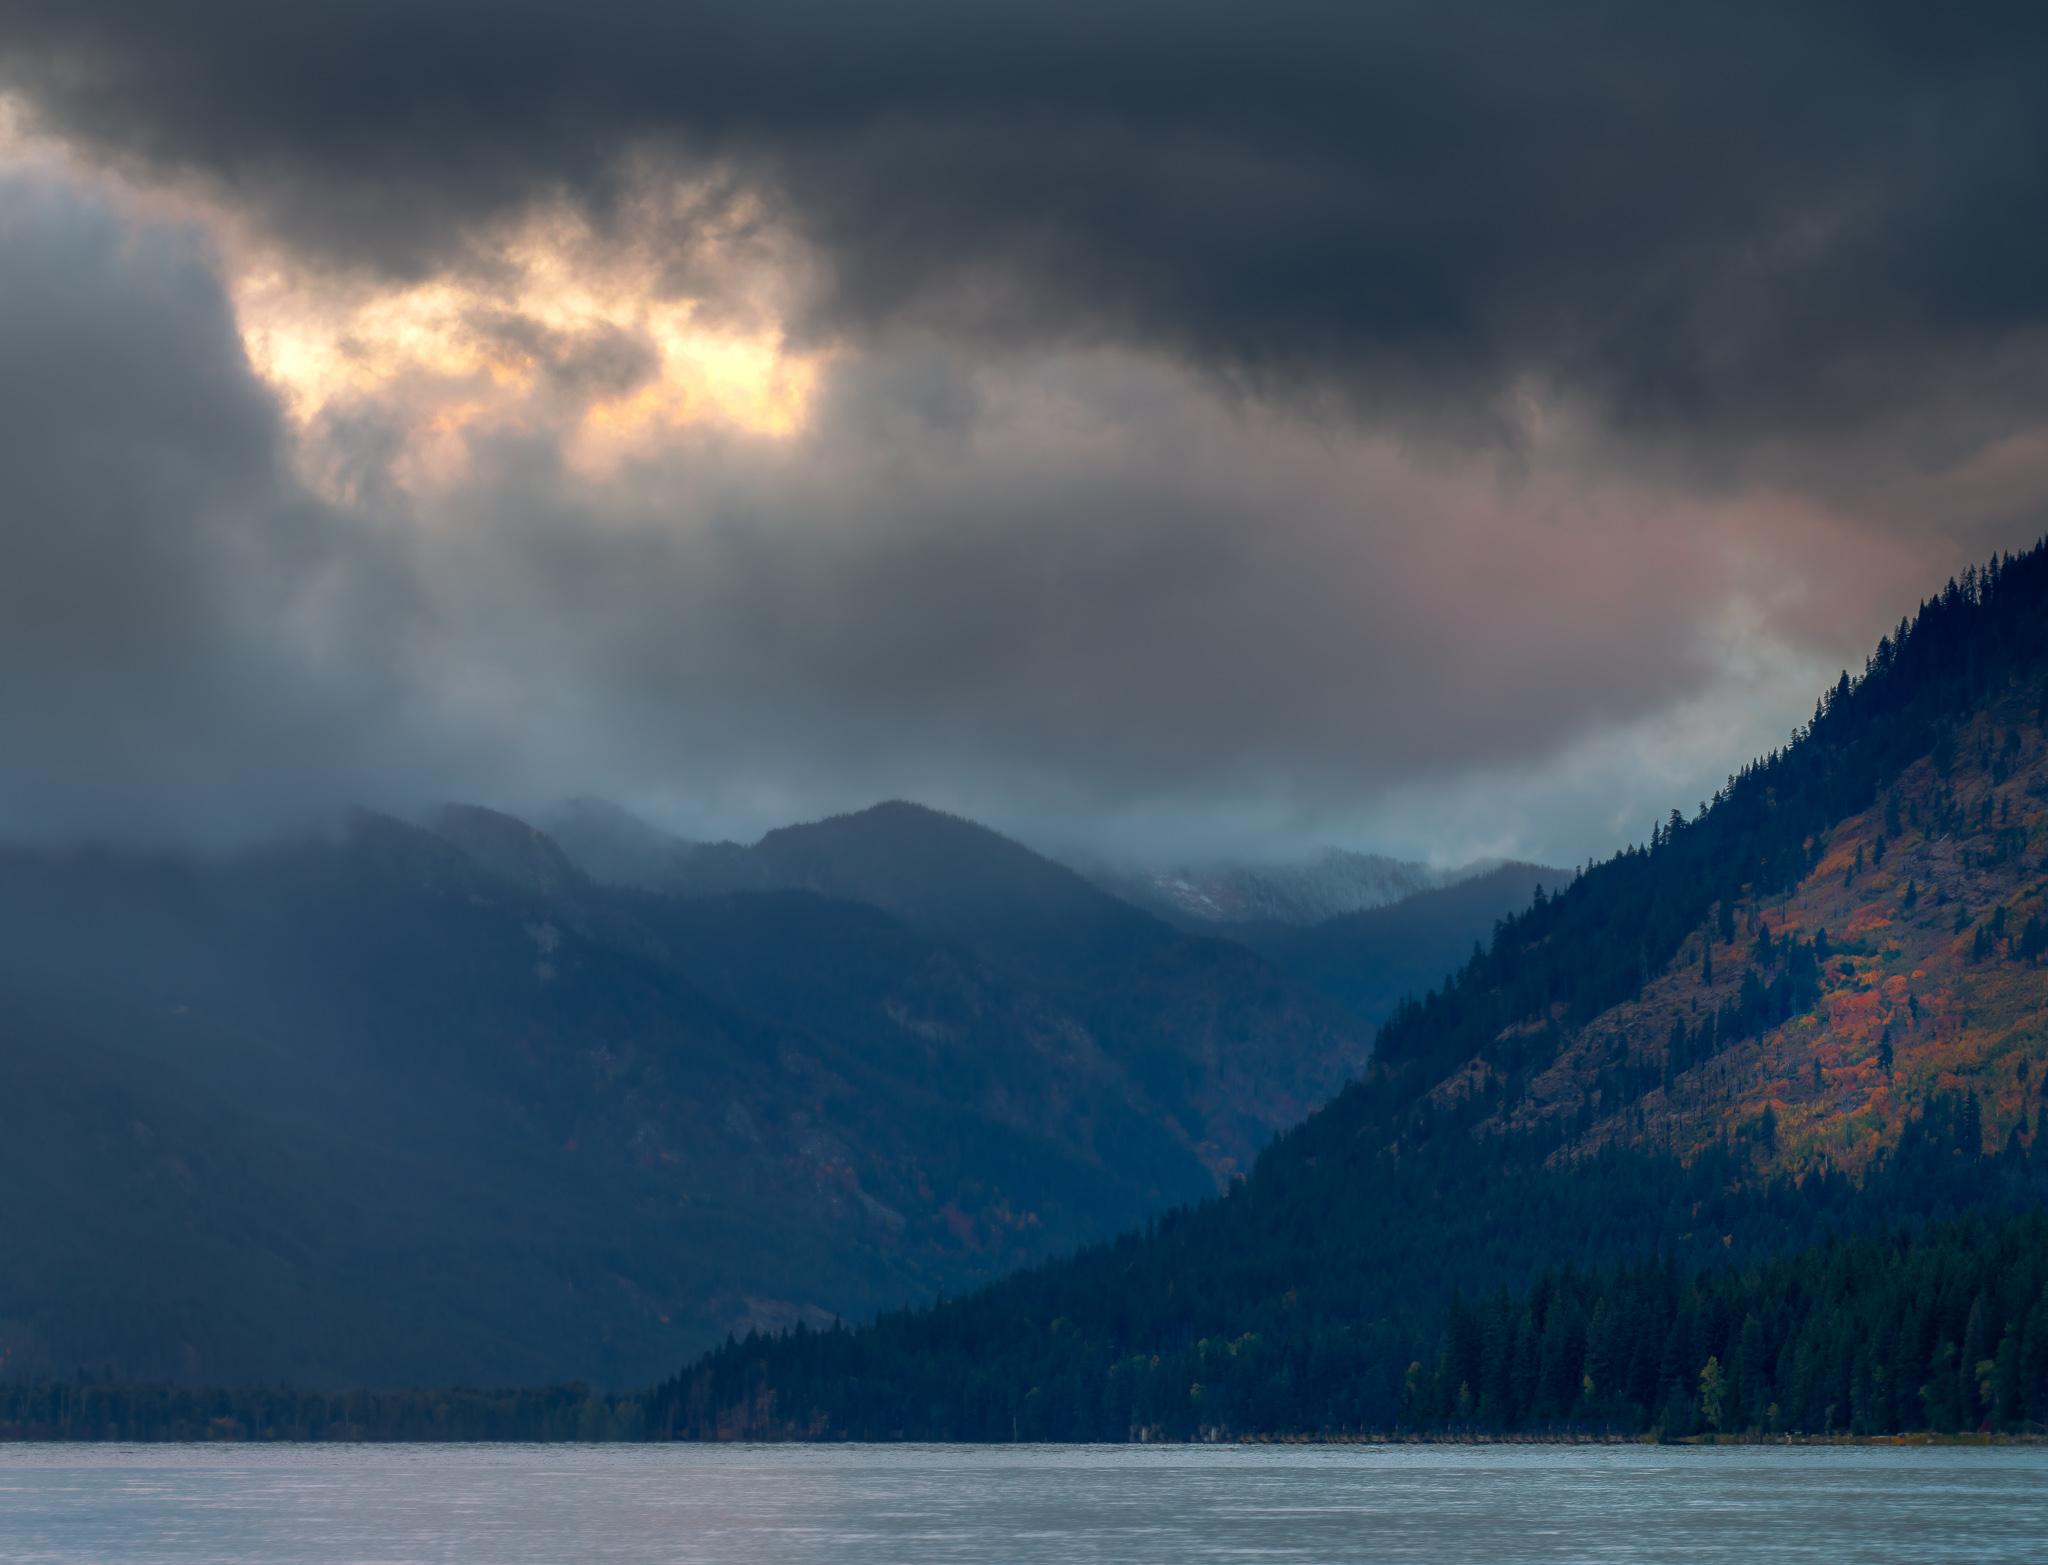 Fall Sunset at Lake Wenatchee